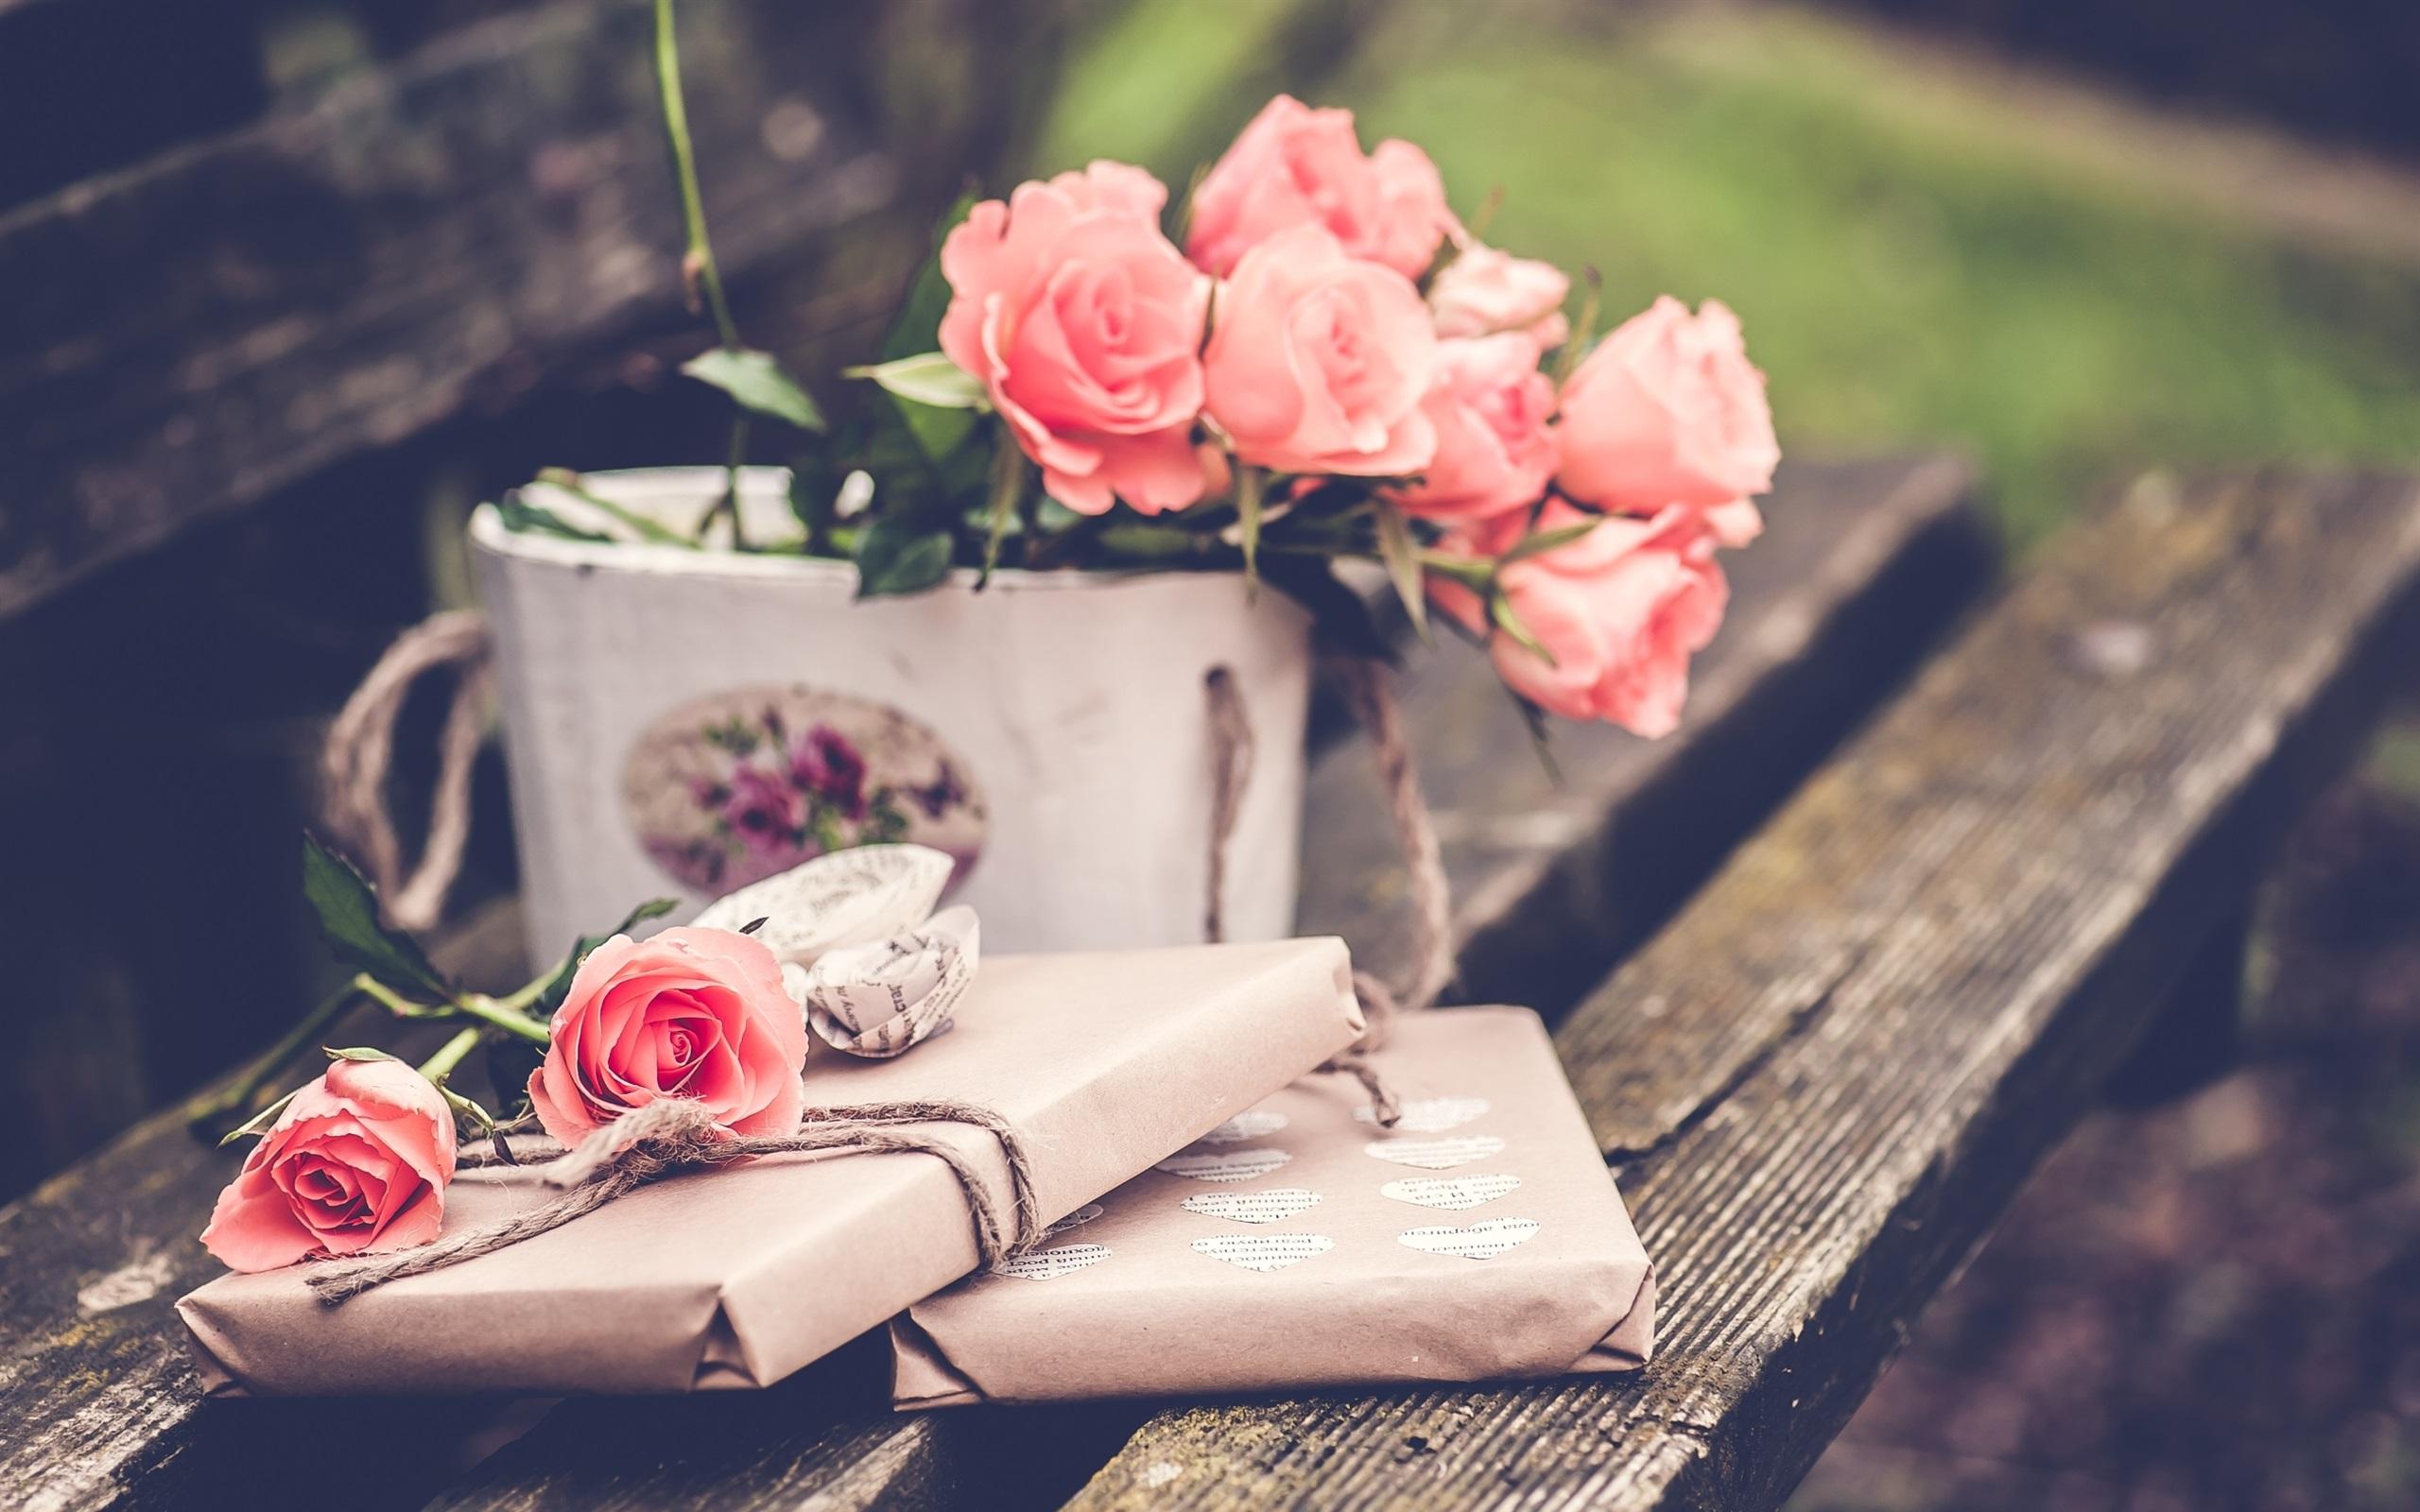 Kalia gifts - Atelier floral Pitesti